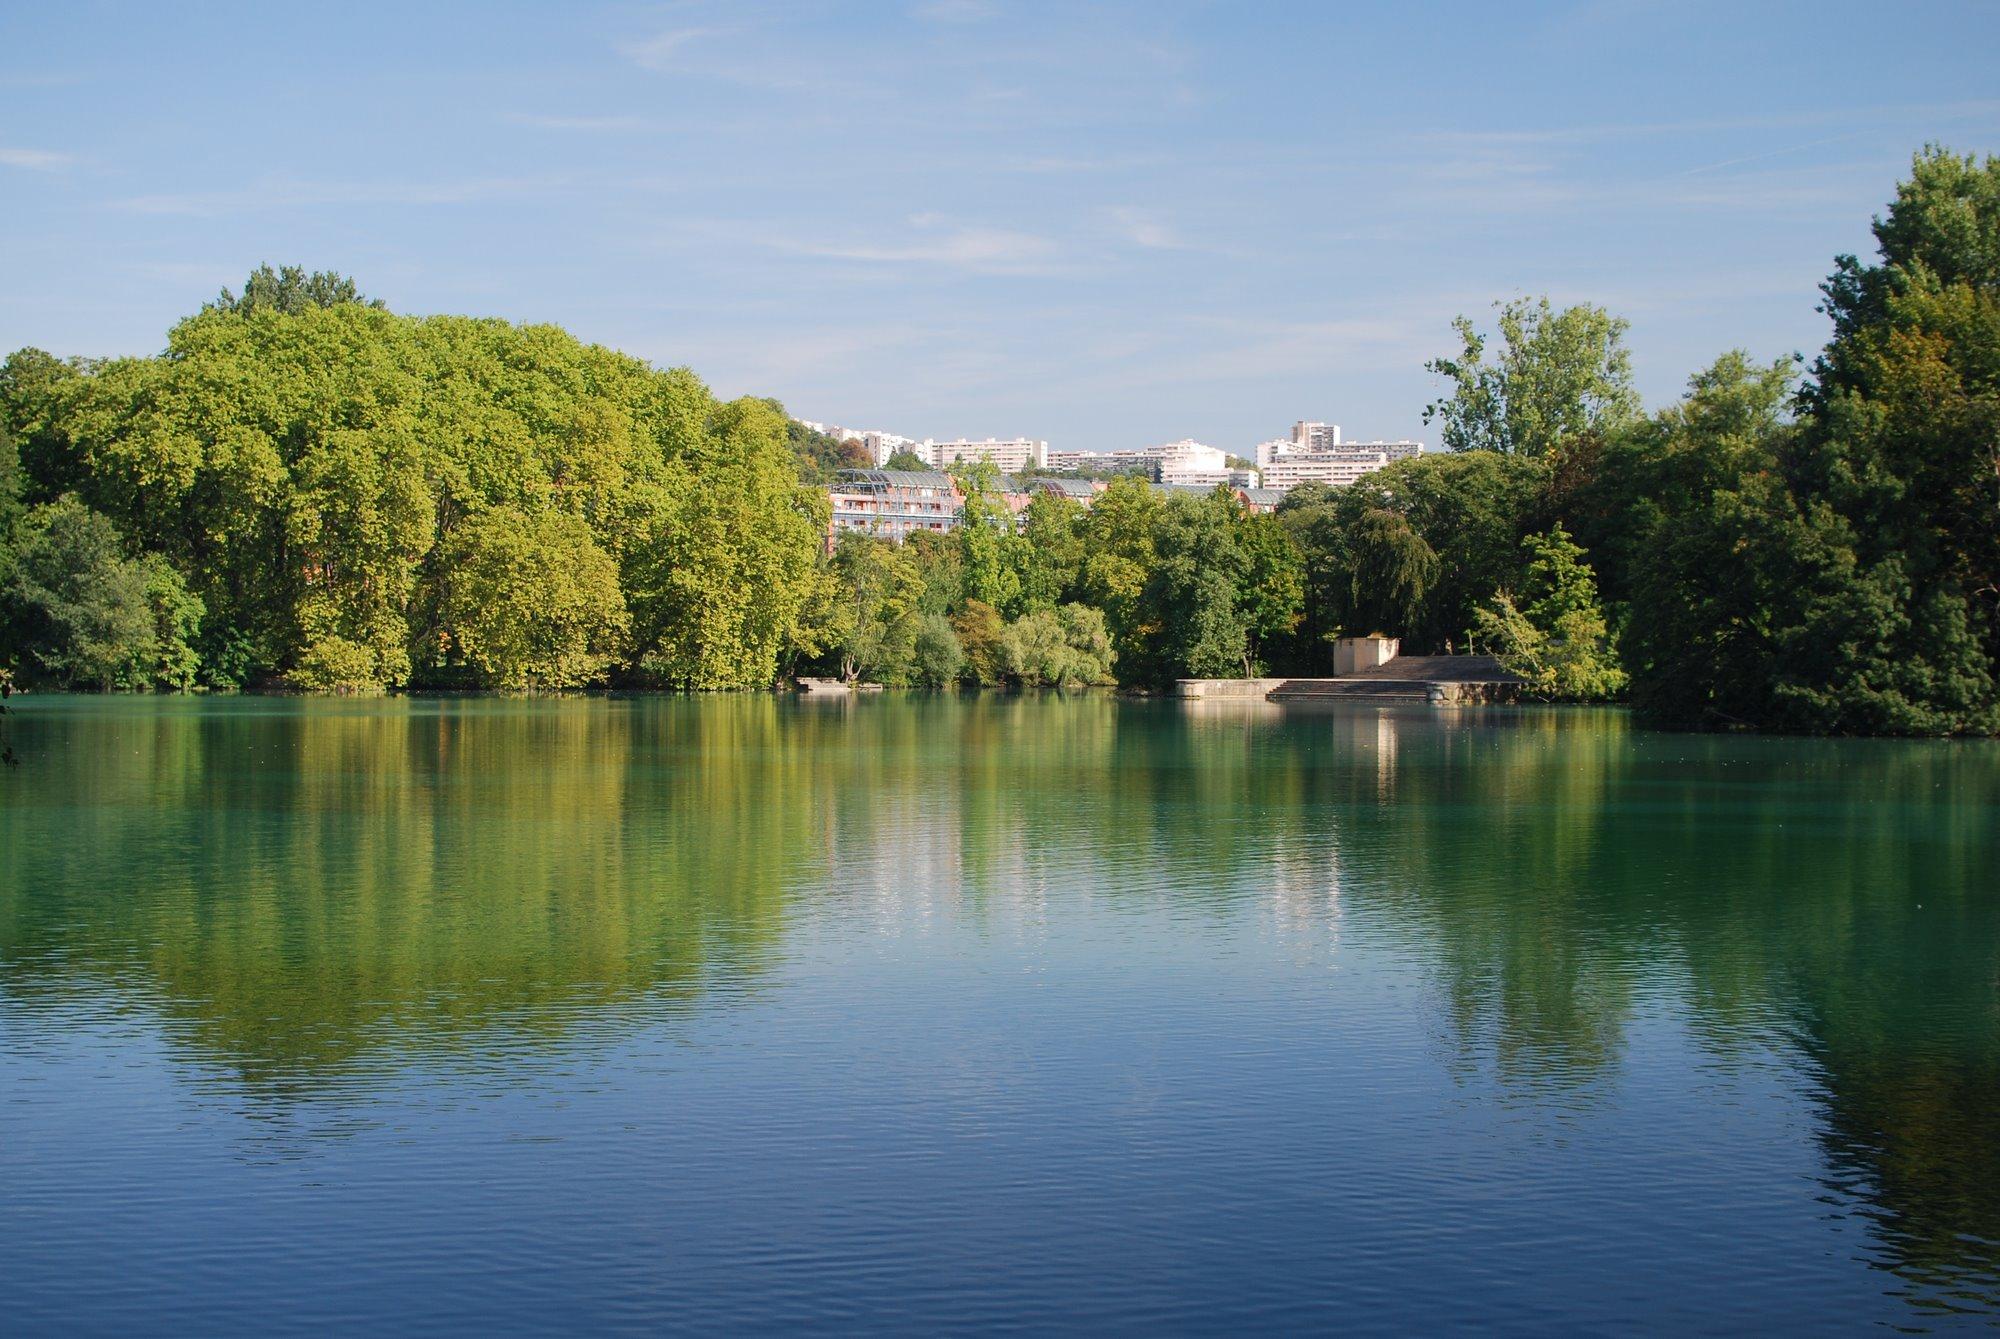 Lac_du_Parc_de_la_tête_d'or,_Lyon